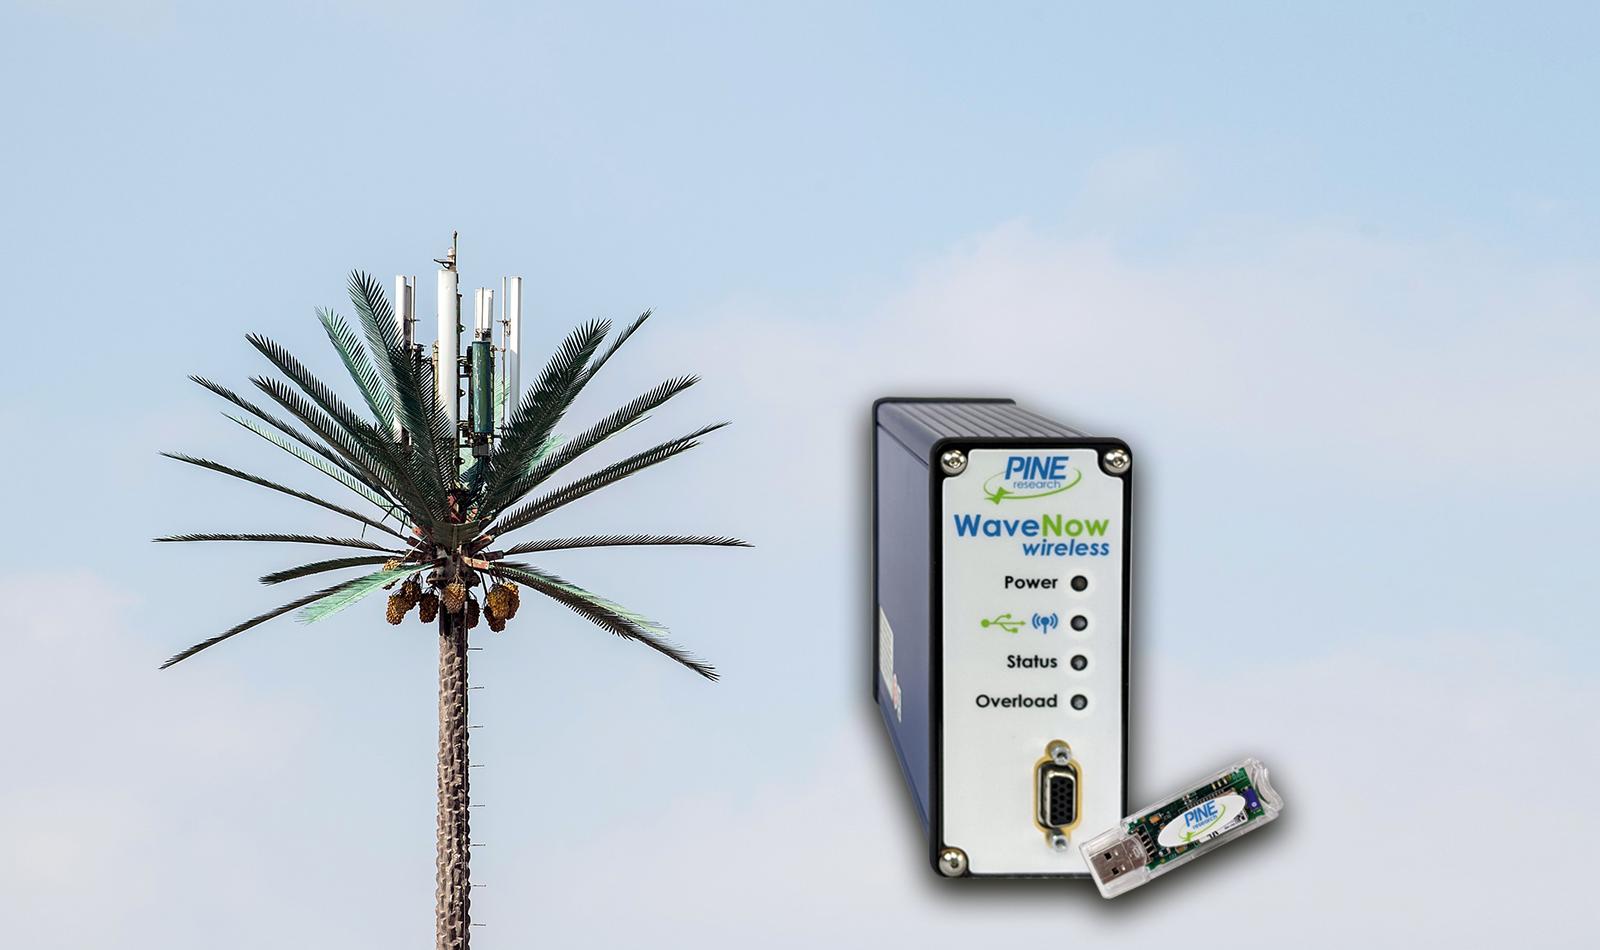 New WaveNow Wireless Potentiostat with faux palm tree wireless radio